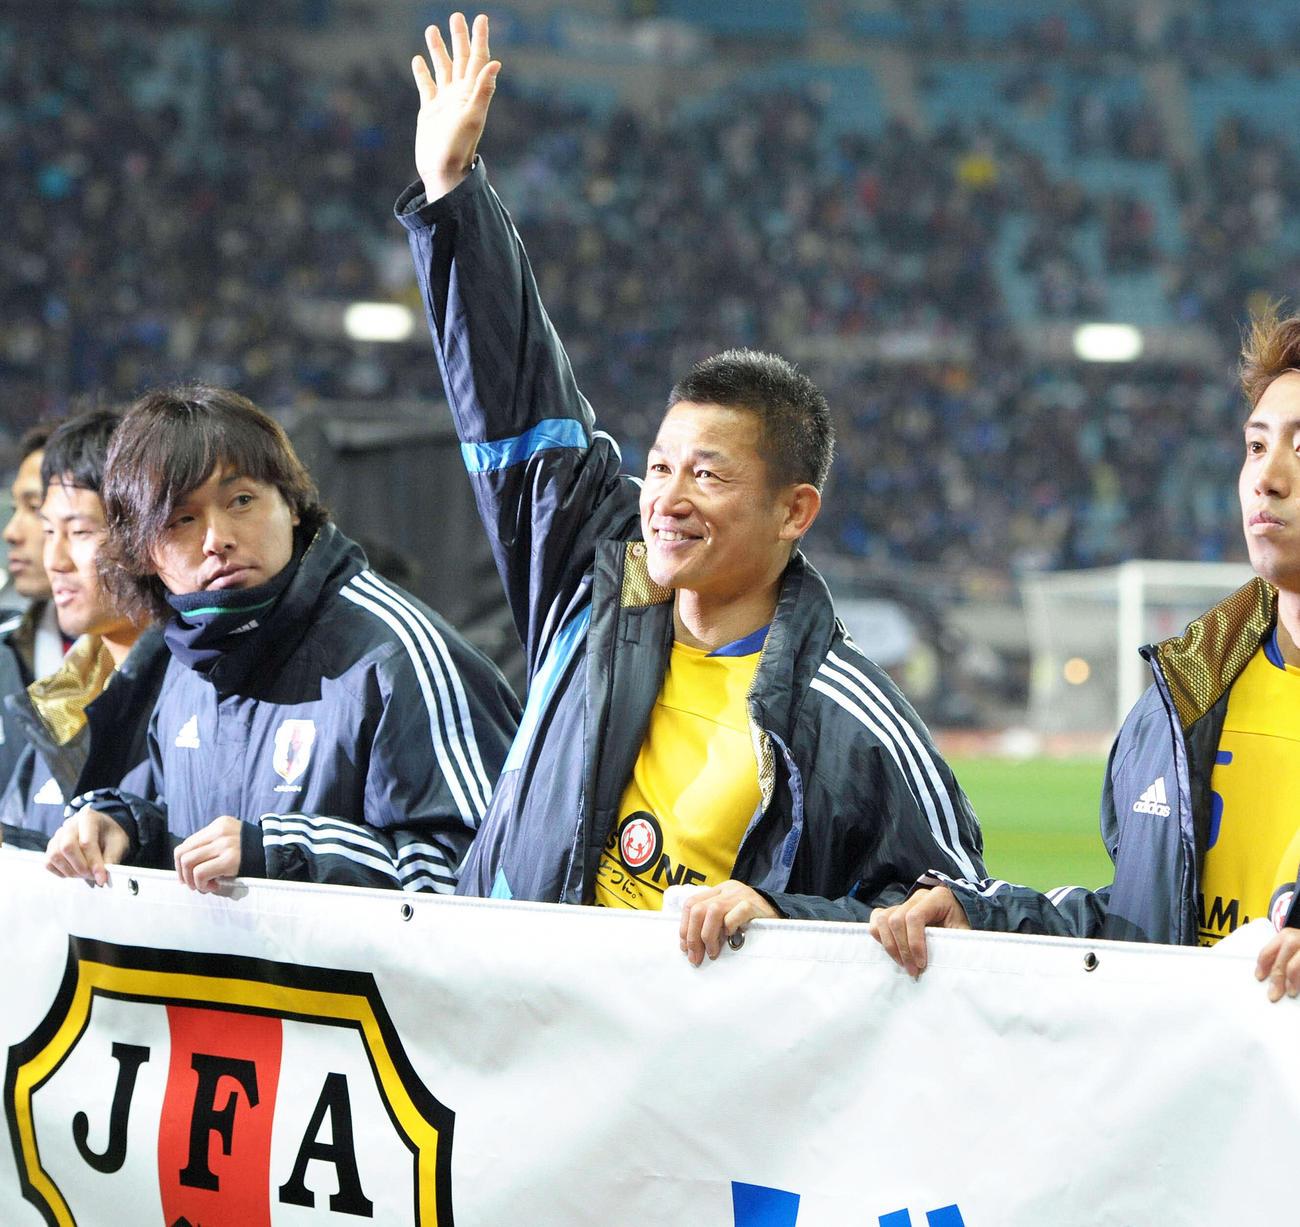 東日本大震災復興支援チャリティーマッチ終了後サポーターの声援に応えるカズ(三浦知良)(2011年3月29日撮影)